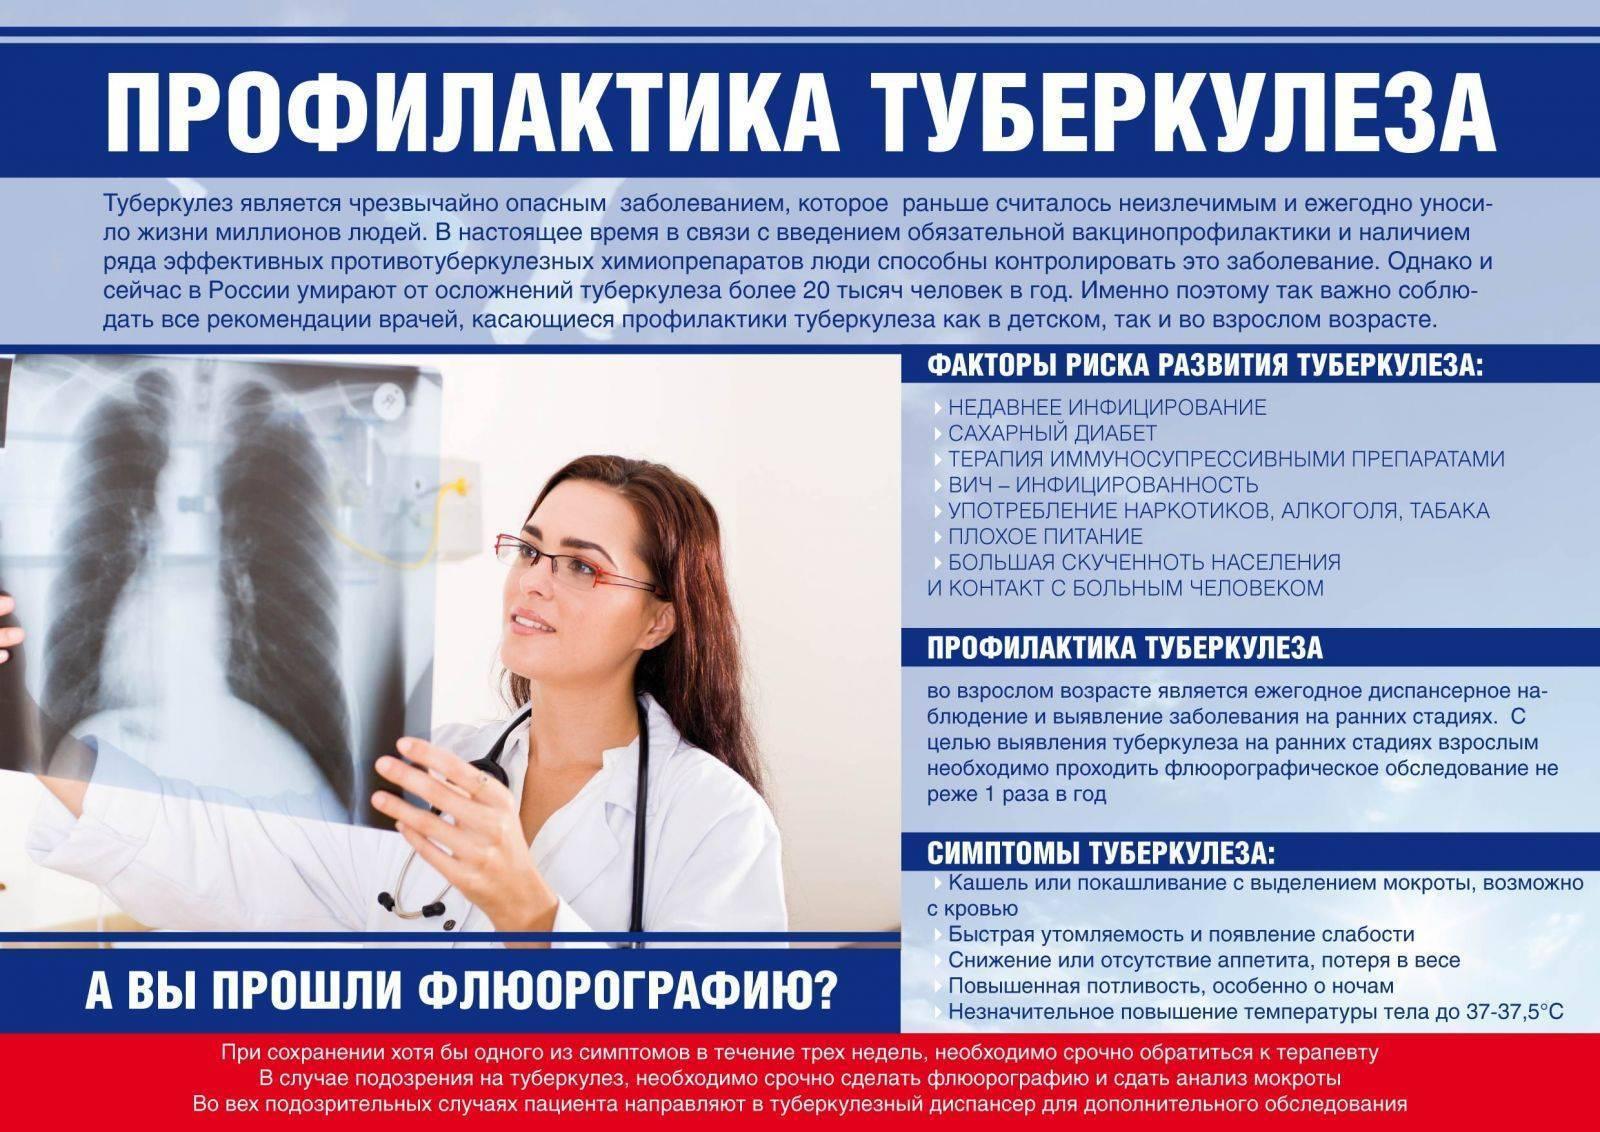 Viii. профилактика туберкулеза | санитарно-эпидемиологические правила сп 3.1.2.3114-13